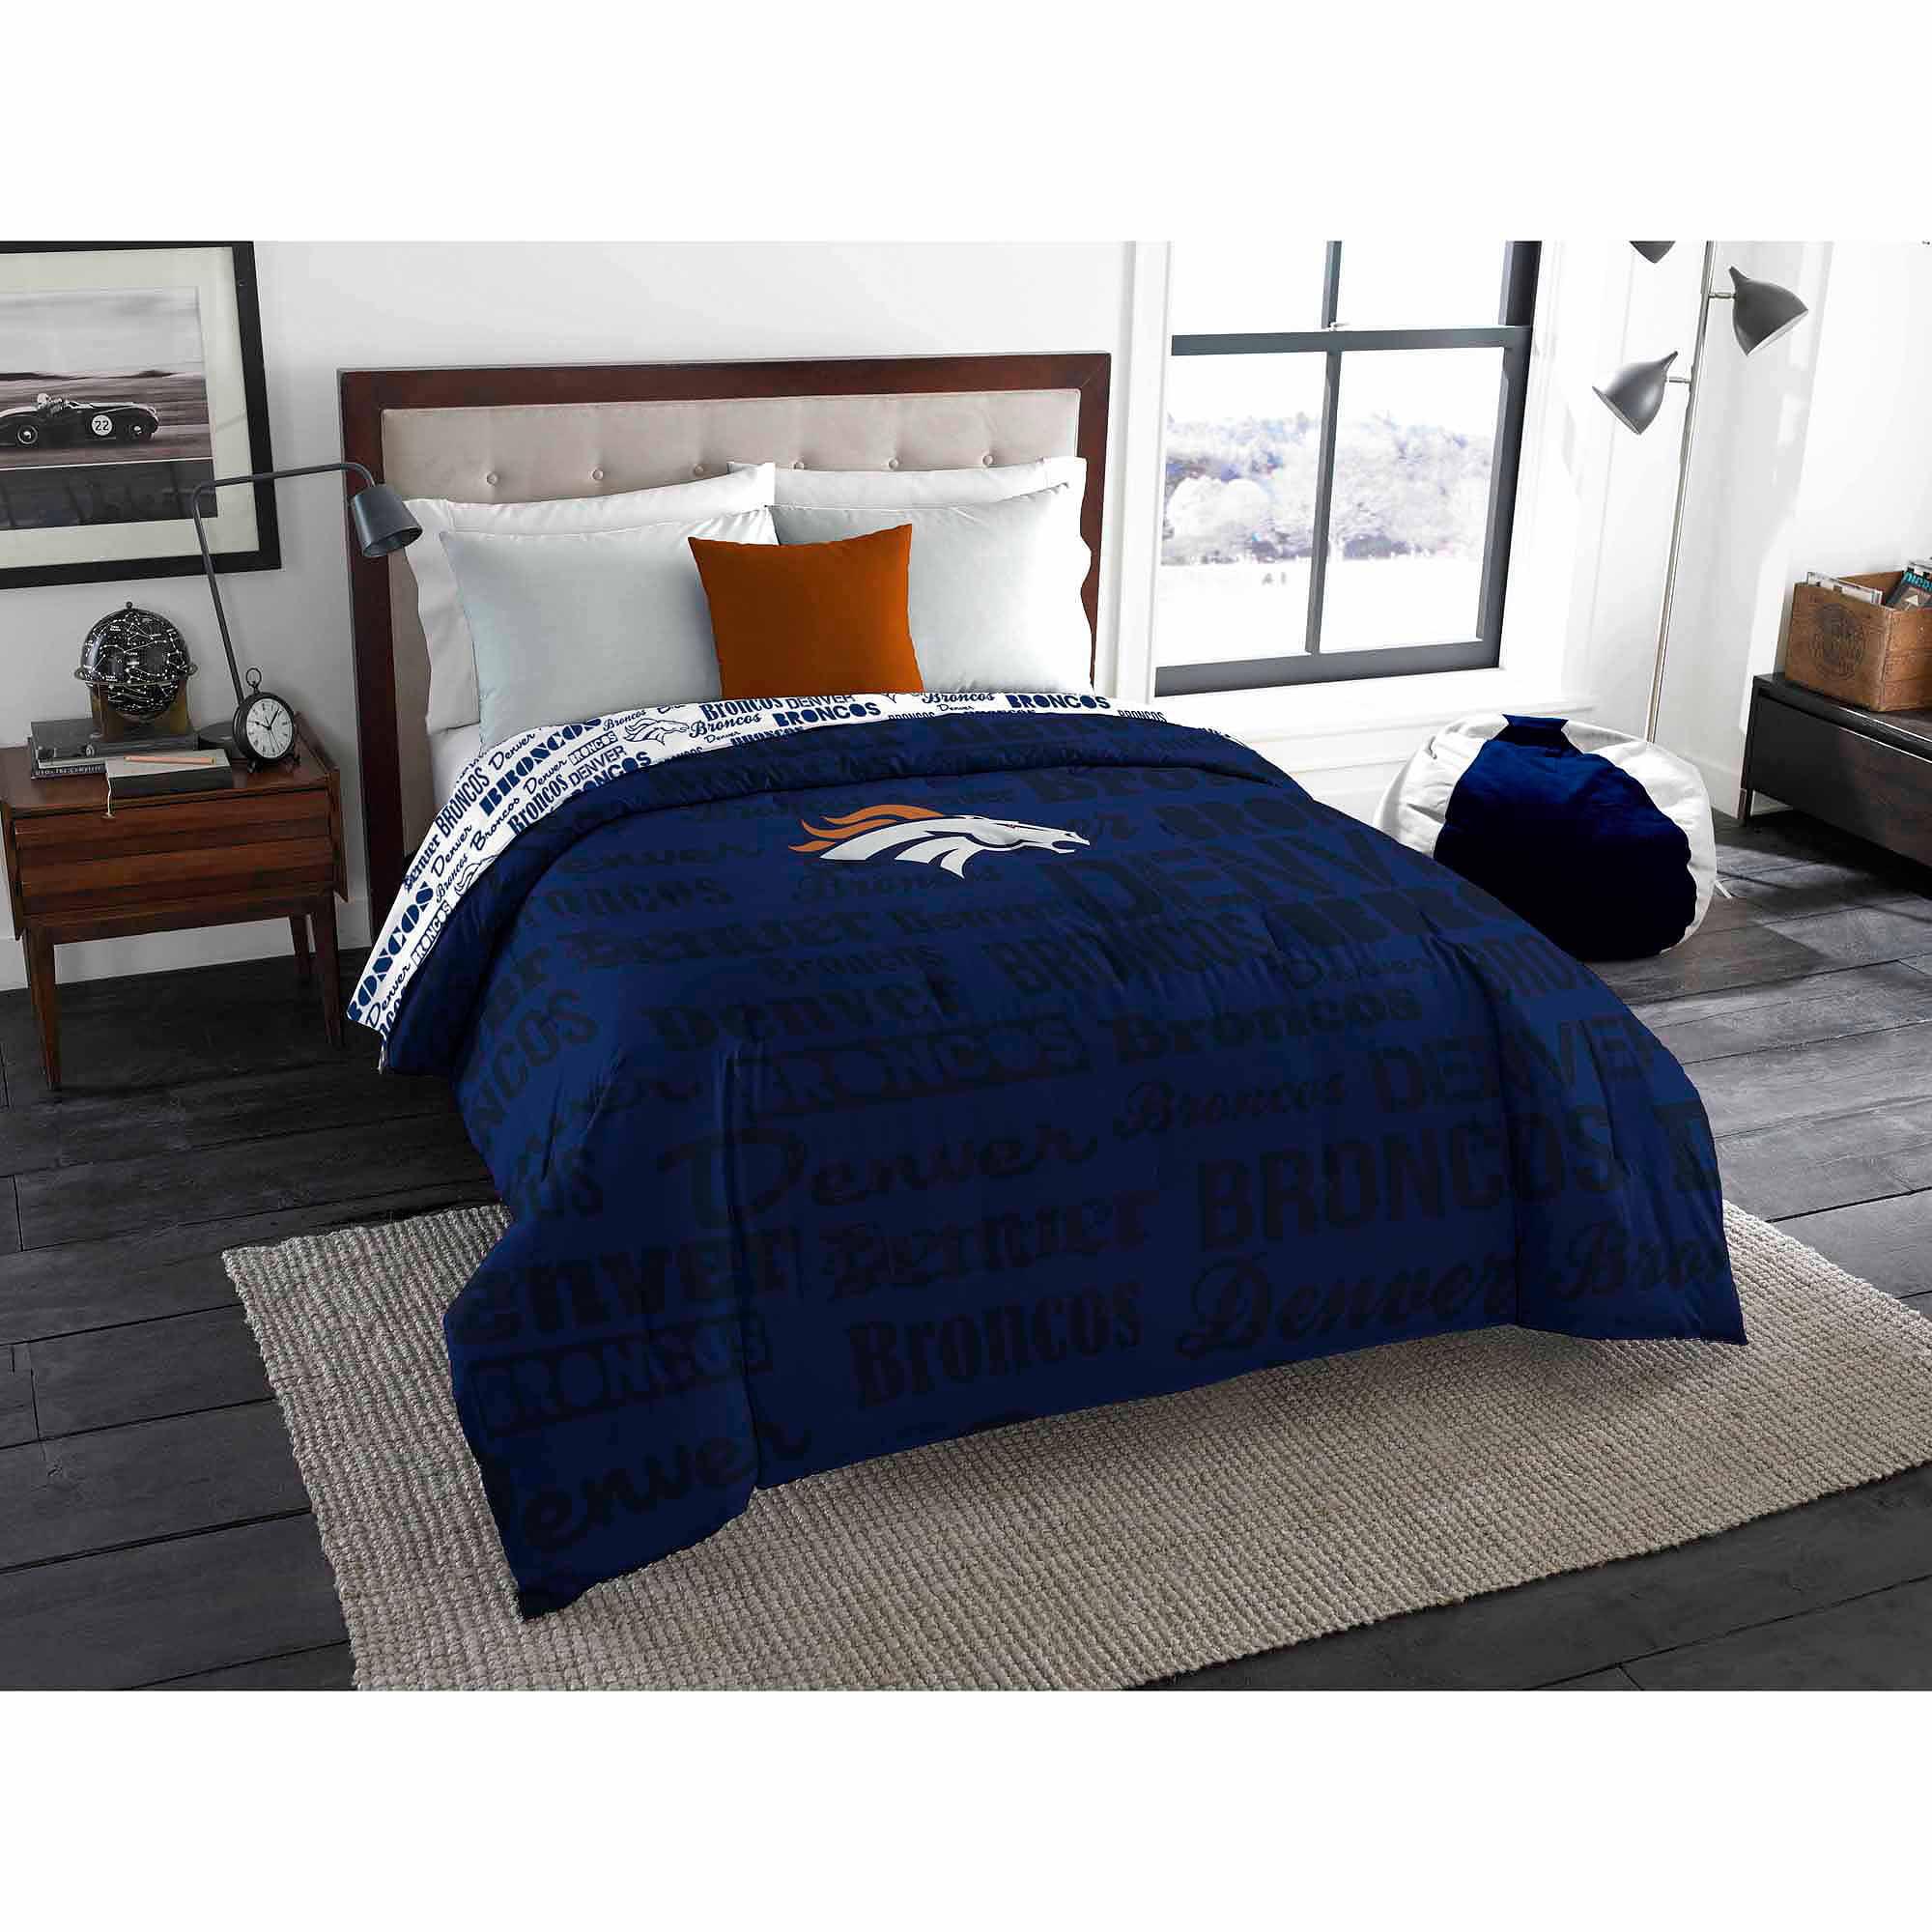 NFL Denver Broncos Twin/Full Bedding Comforter